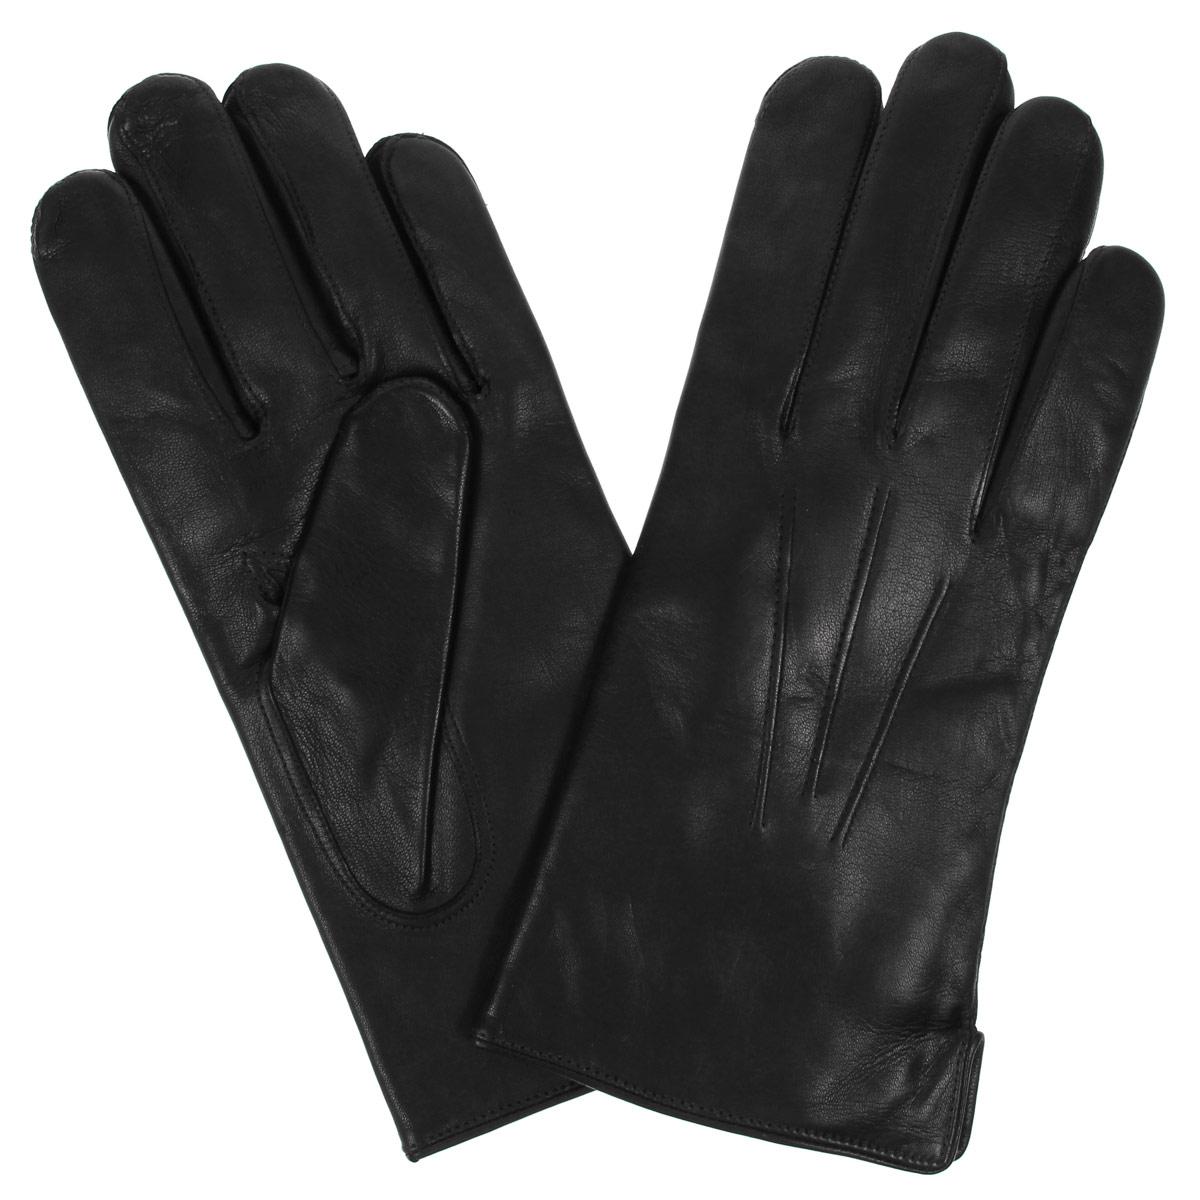 Перчатки мужские. DM12-234DM12-234Классические мужские перчатки Bartoc не только защитят ваши руки, но и станут великолепным украшением. Они выполнены из мягкой и приятной на ощупь натуральной кожи ягненка, а их подкладка - из натуральной шерсти. На внешнем боку перчатки имеется небольшой разрез. Модель на лицевой стороне оформлена декоративной отстрочкой три луча. Перчатки прекрасно дополнят образ любого мужчины и сделают его более стильным, придав тонкую нотку брутальности. Создайте элегантный образ и подчеркните свою яркую индивидуальность новым аксессуаром!